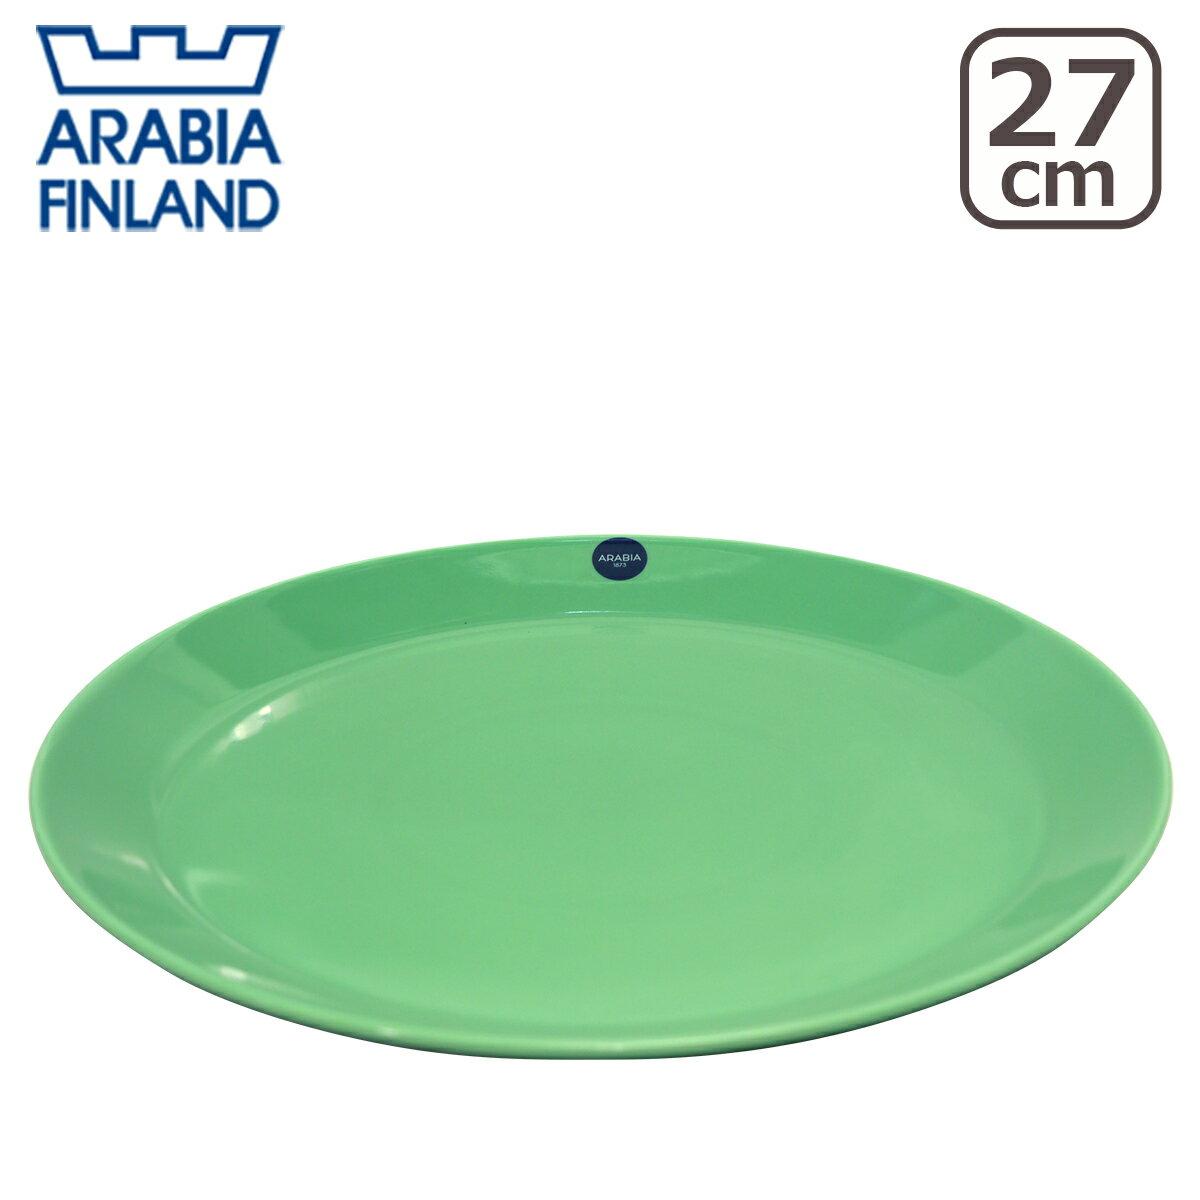 アラビア(Arabia) ココ(koko) 27cm プレート メドウ 北欧 食器